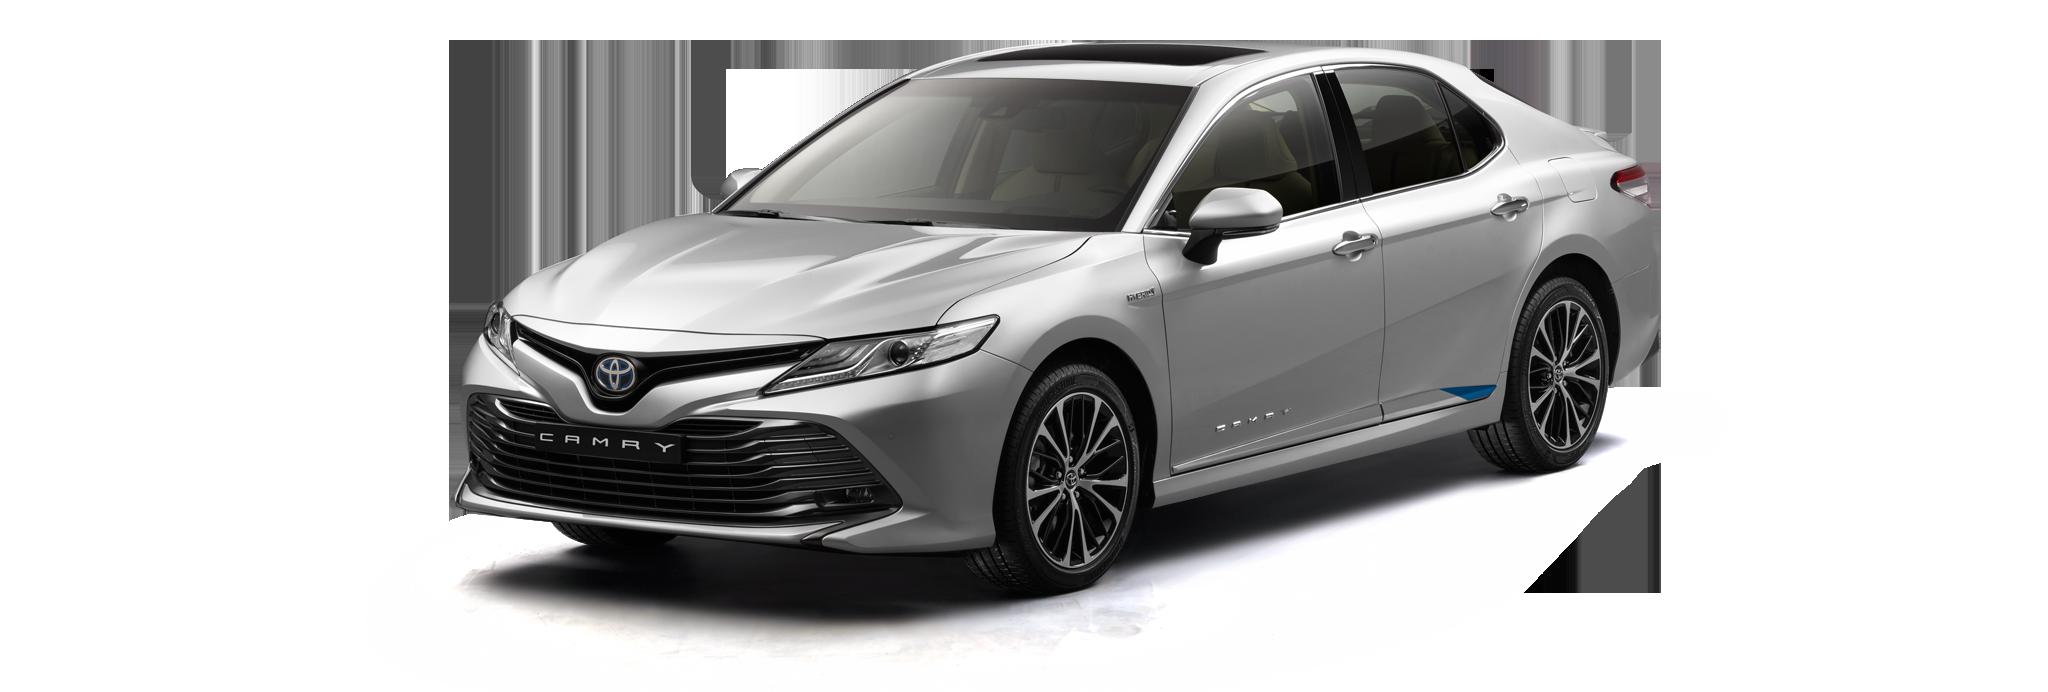 تويوتا كامري GRANDE V6 الجديدة 2019